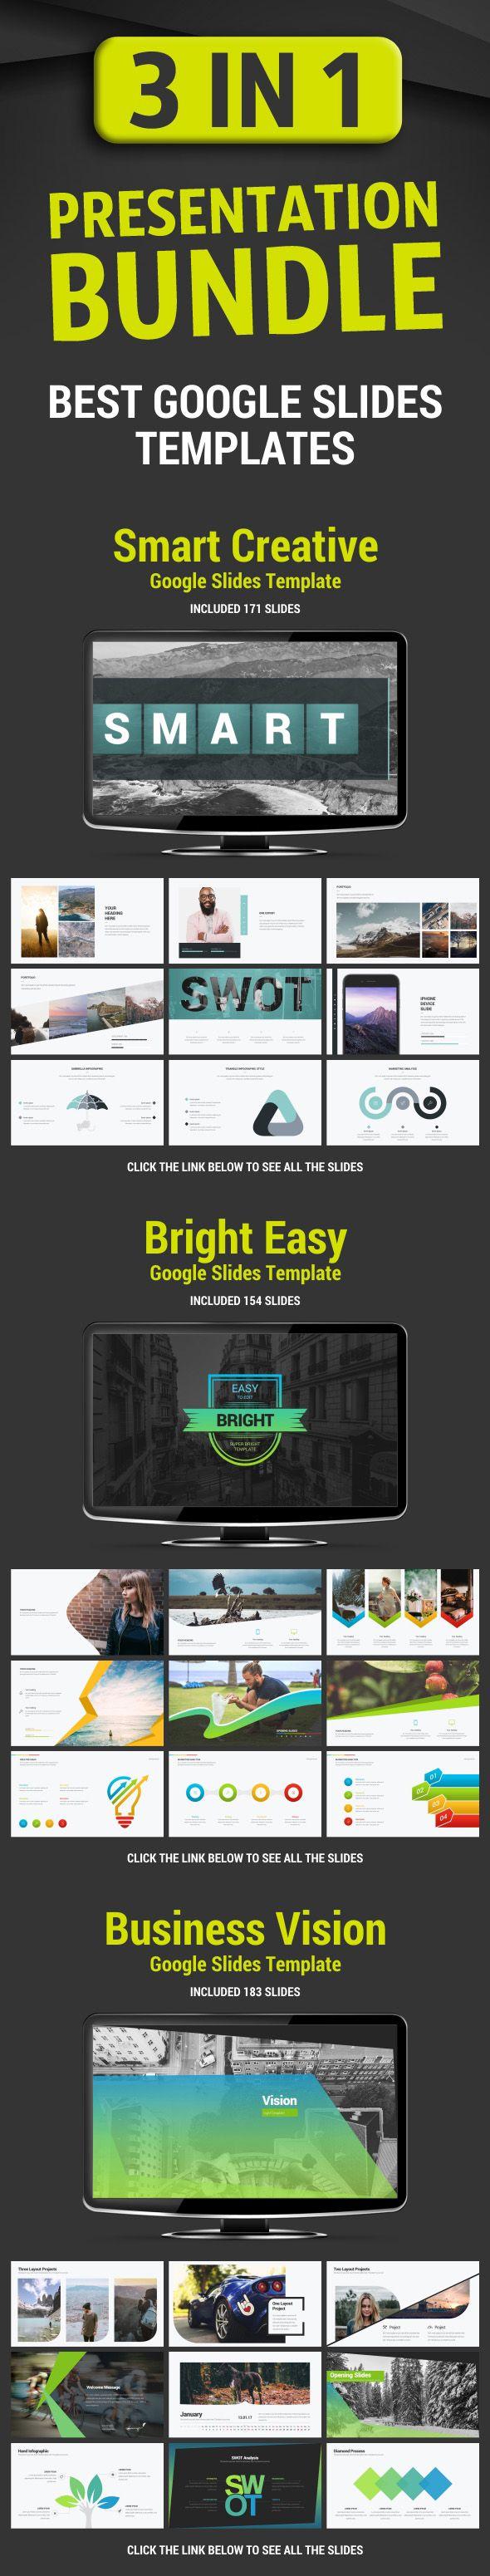 214 best Google Slides Templates images on Pinterest